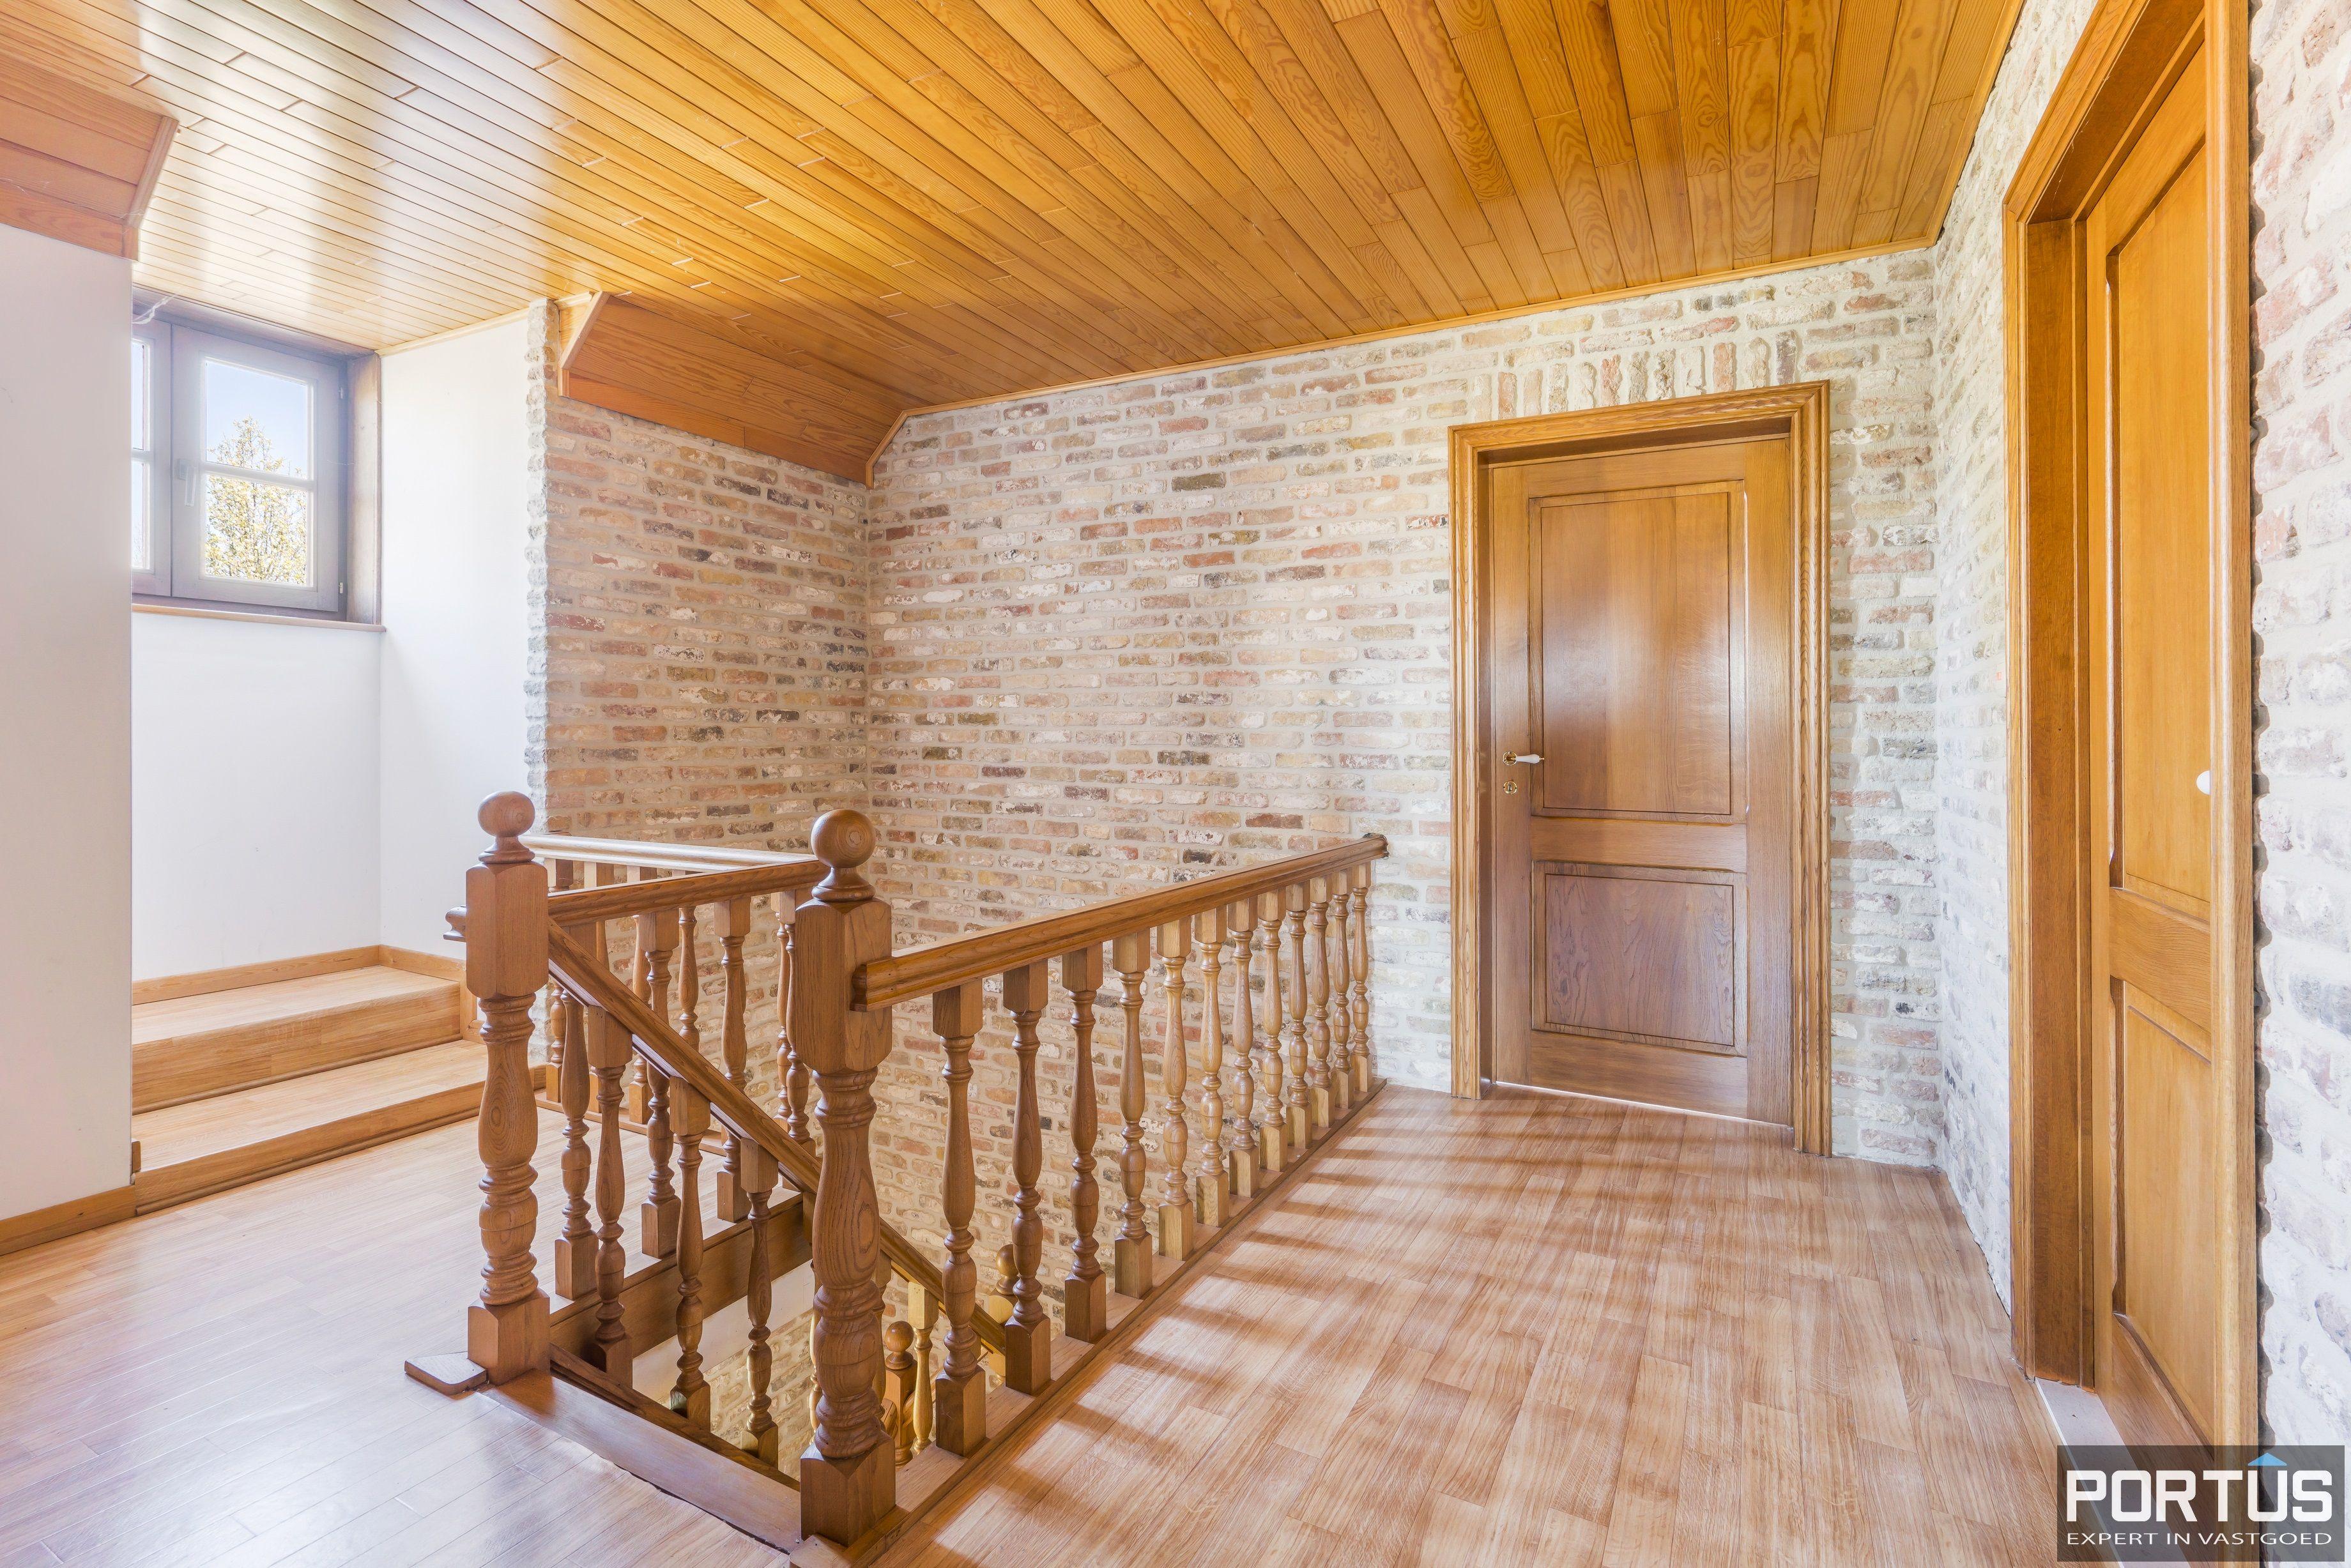 Woning te koop met 4 slaapkamers te Oostduinkerke - 13740